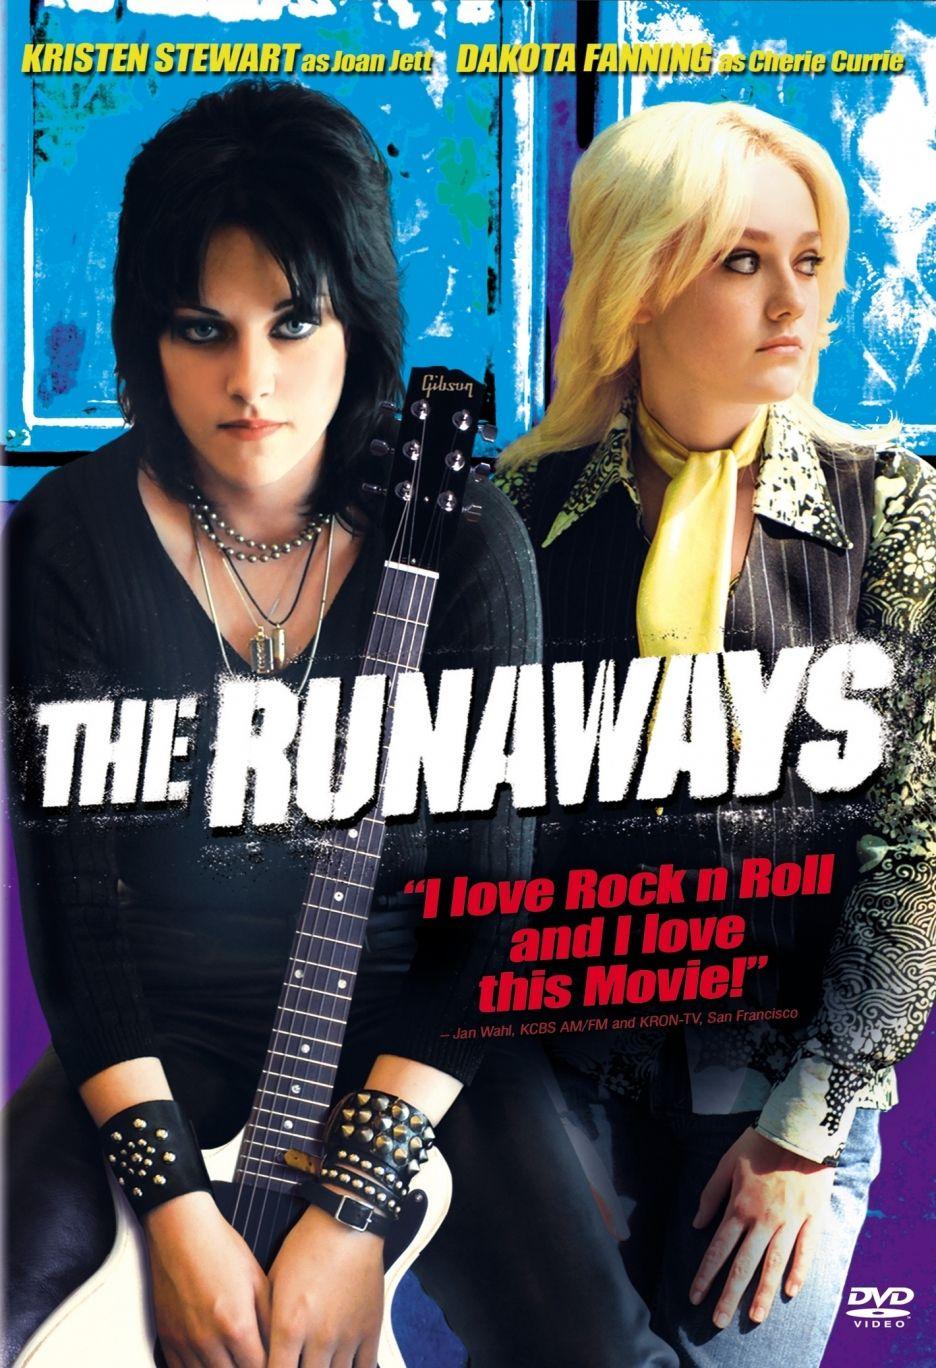 The Runaways (Kristen stewart and Dakota Fanning) | Movies and ...